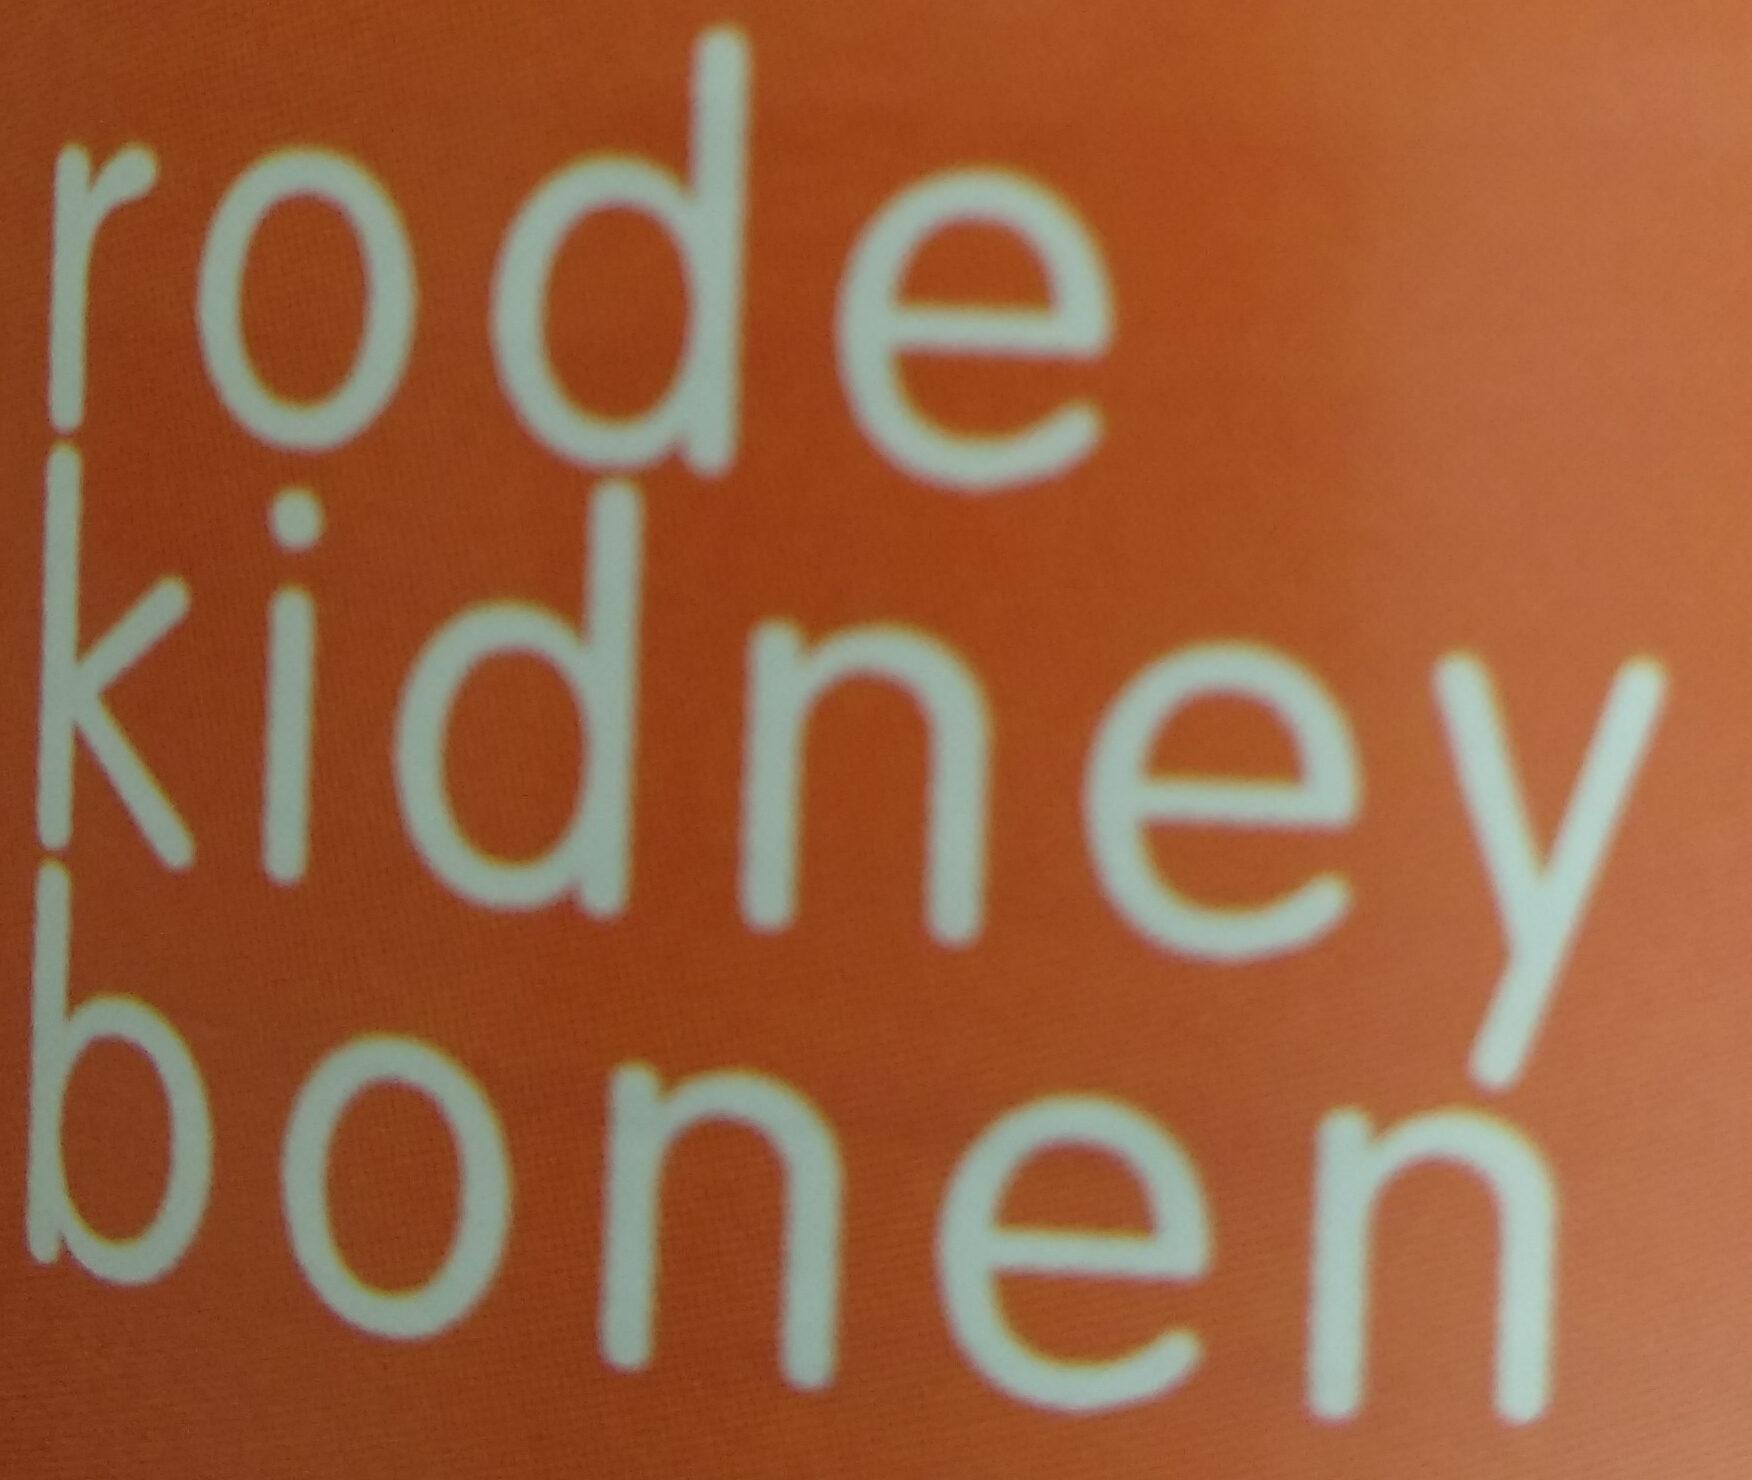 rode kidney bonen - Ingrediënten - nl